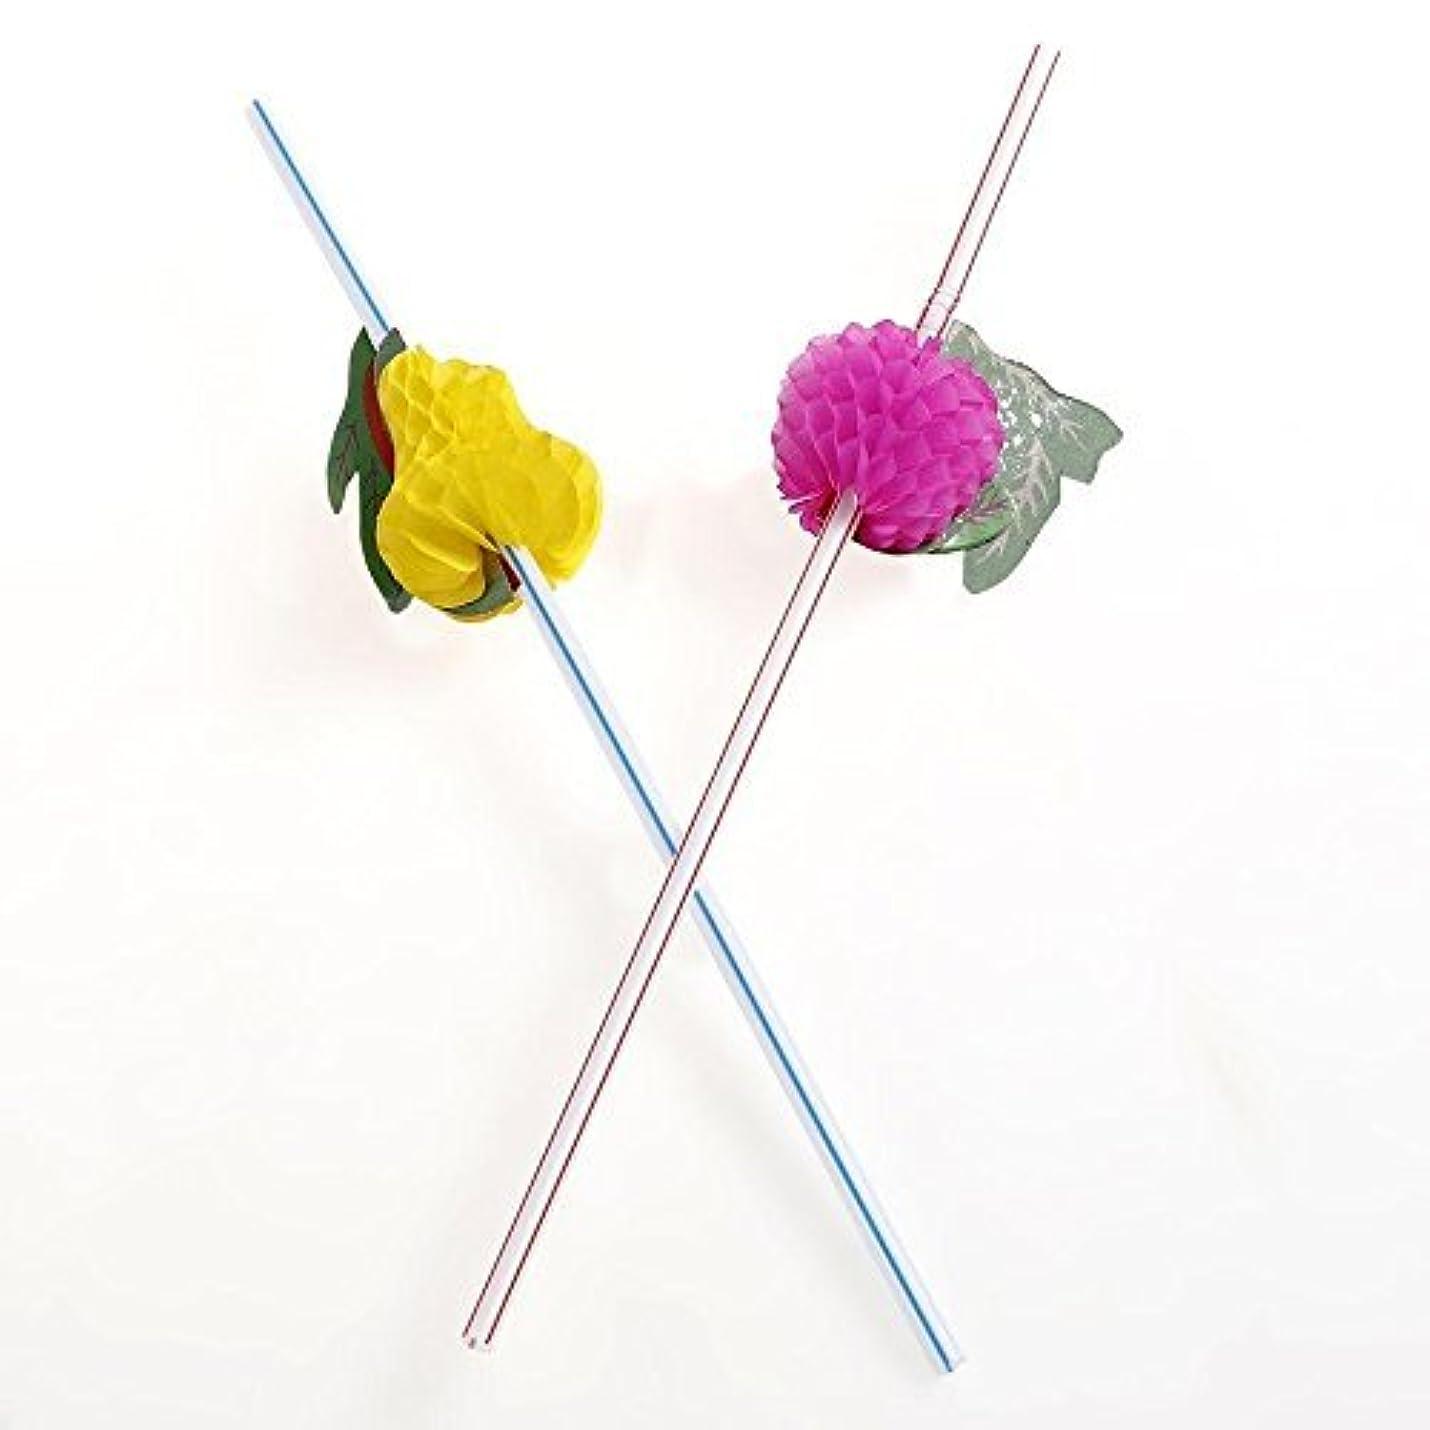 デザイナーウルル叙情的な誕生日パーティーのための各種ストローの果実